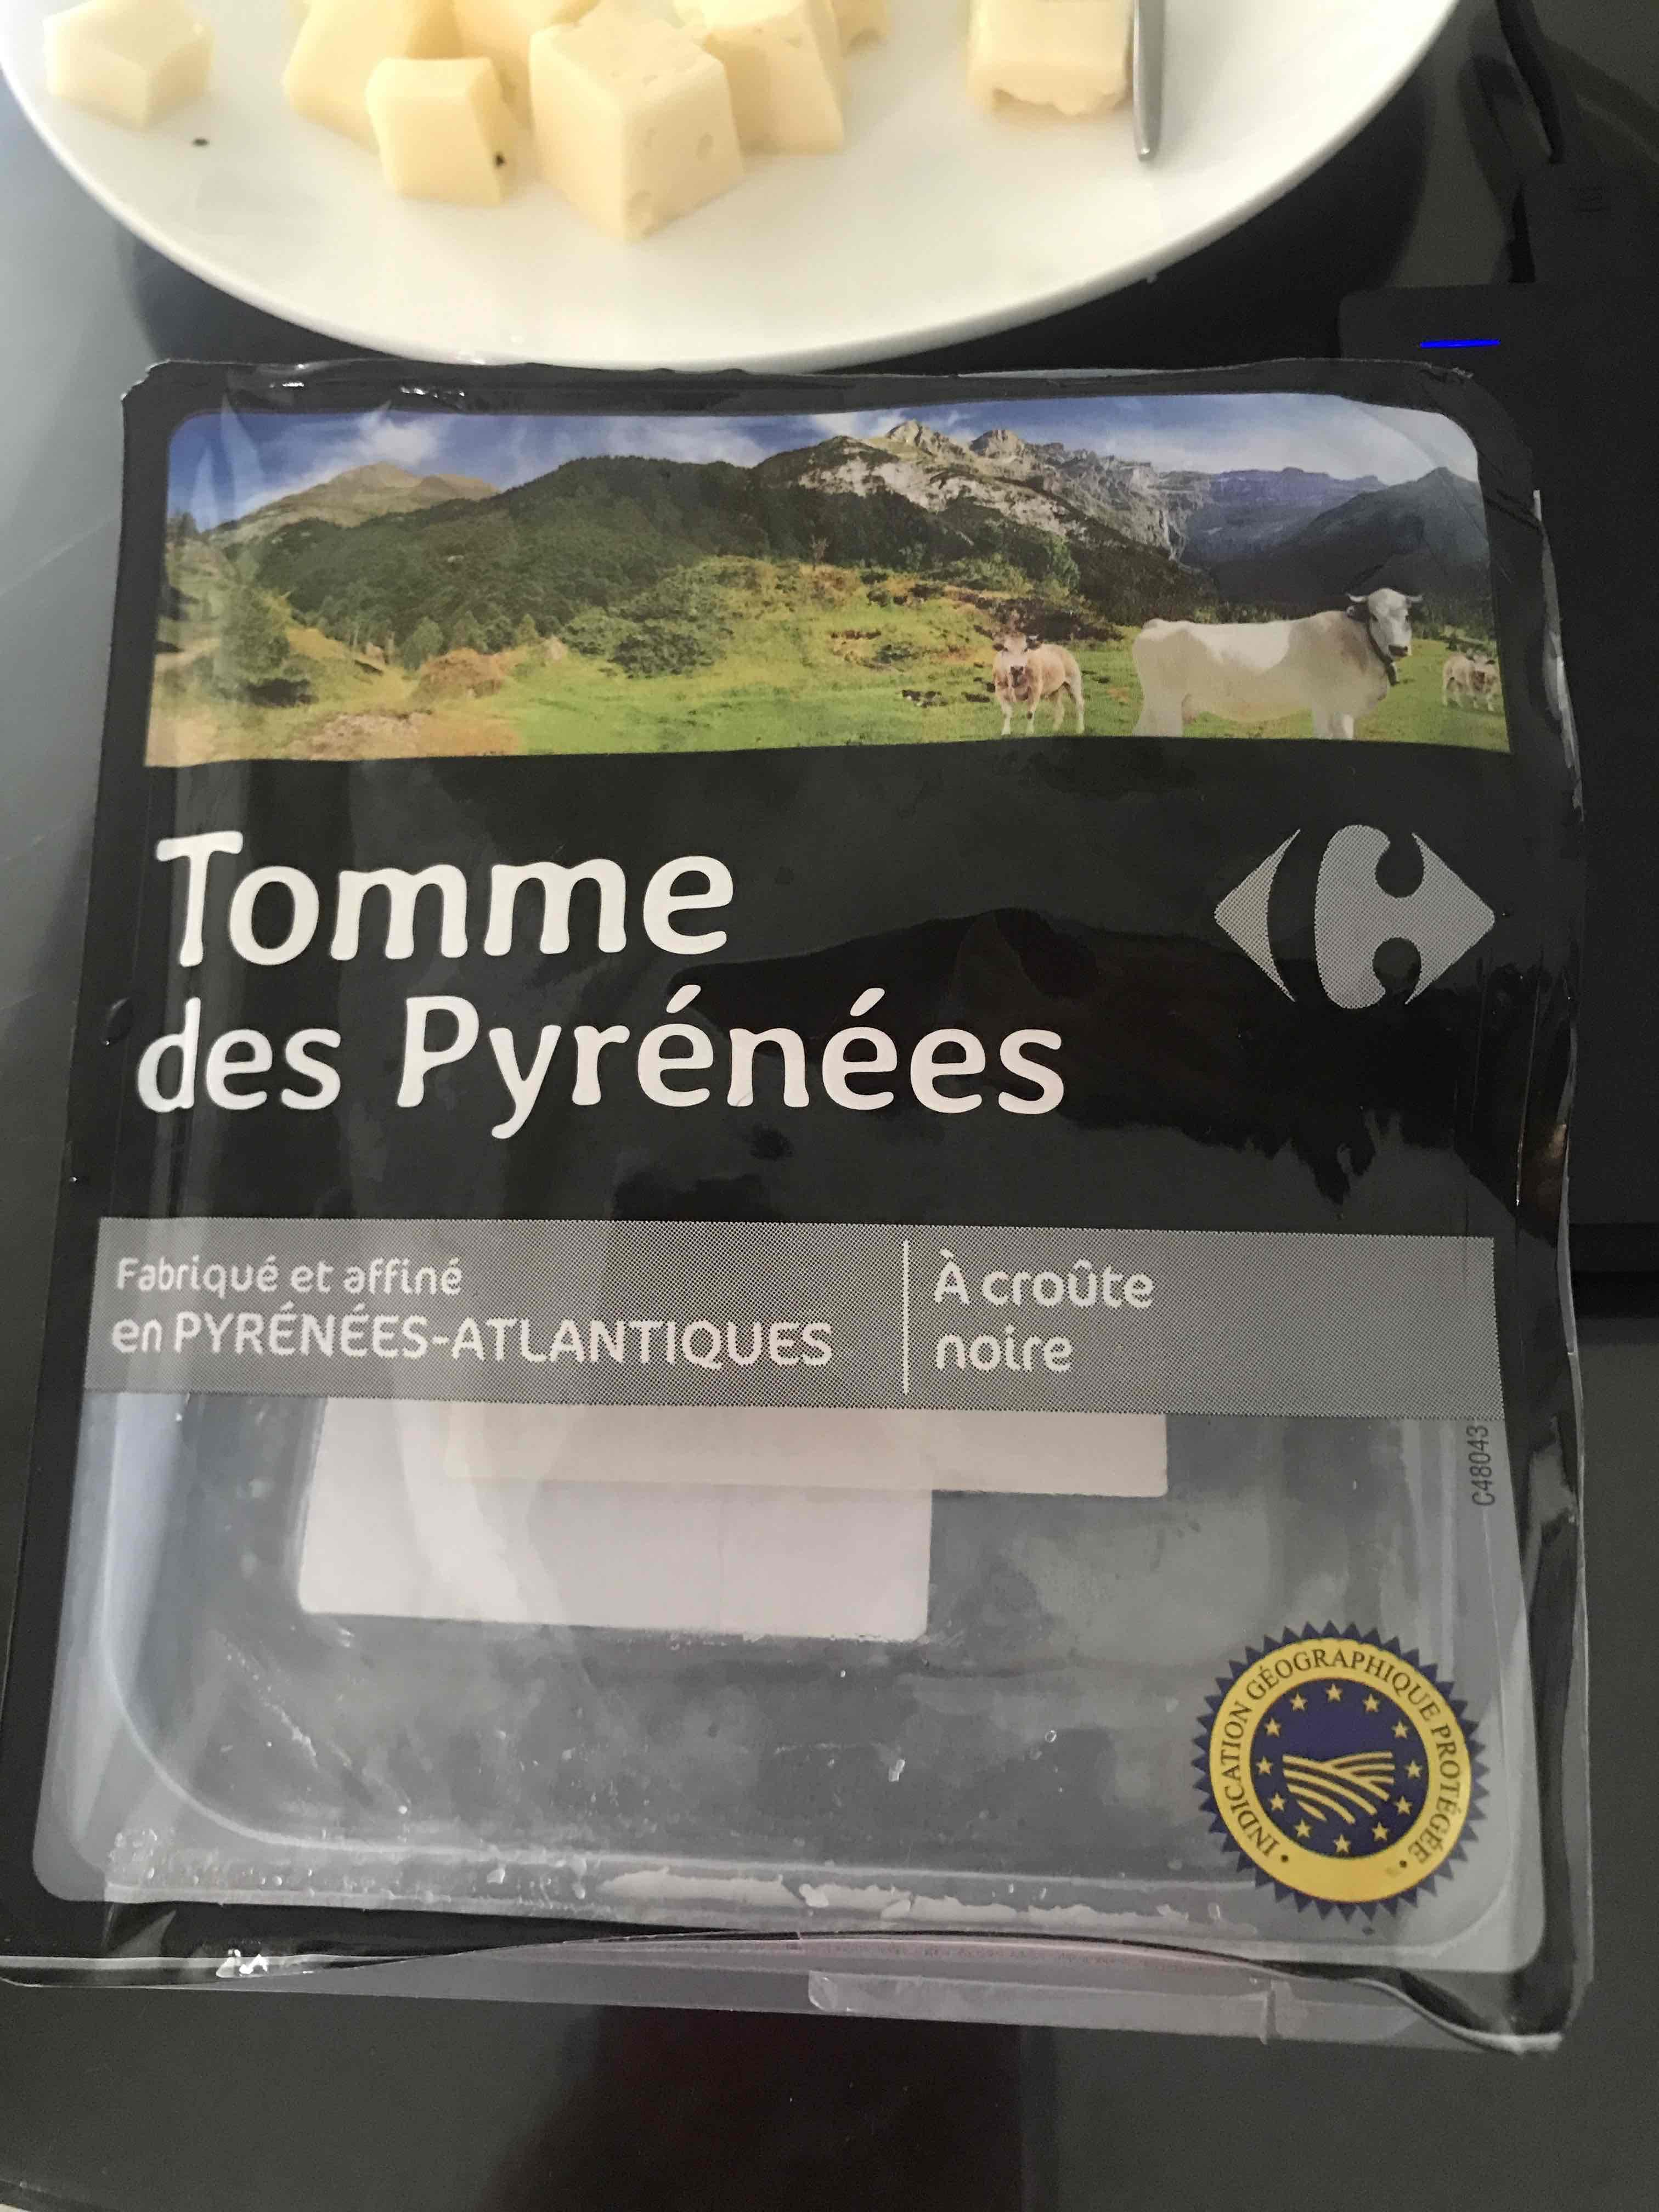 Tomme des Pyrenees